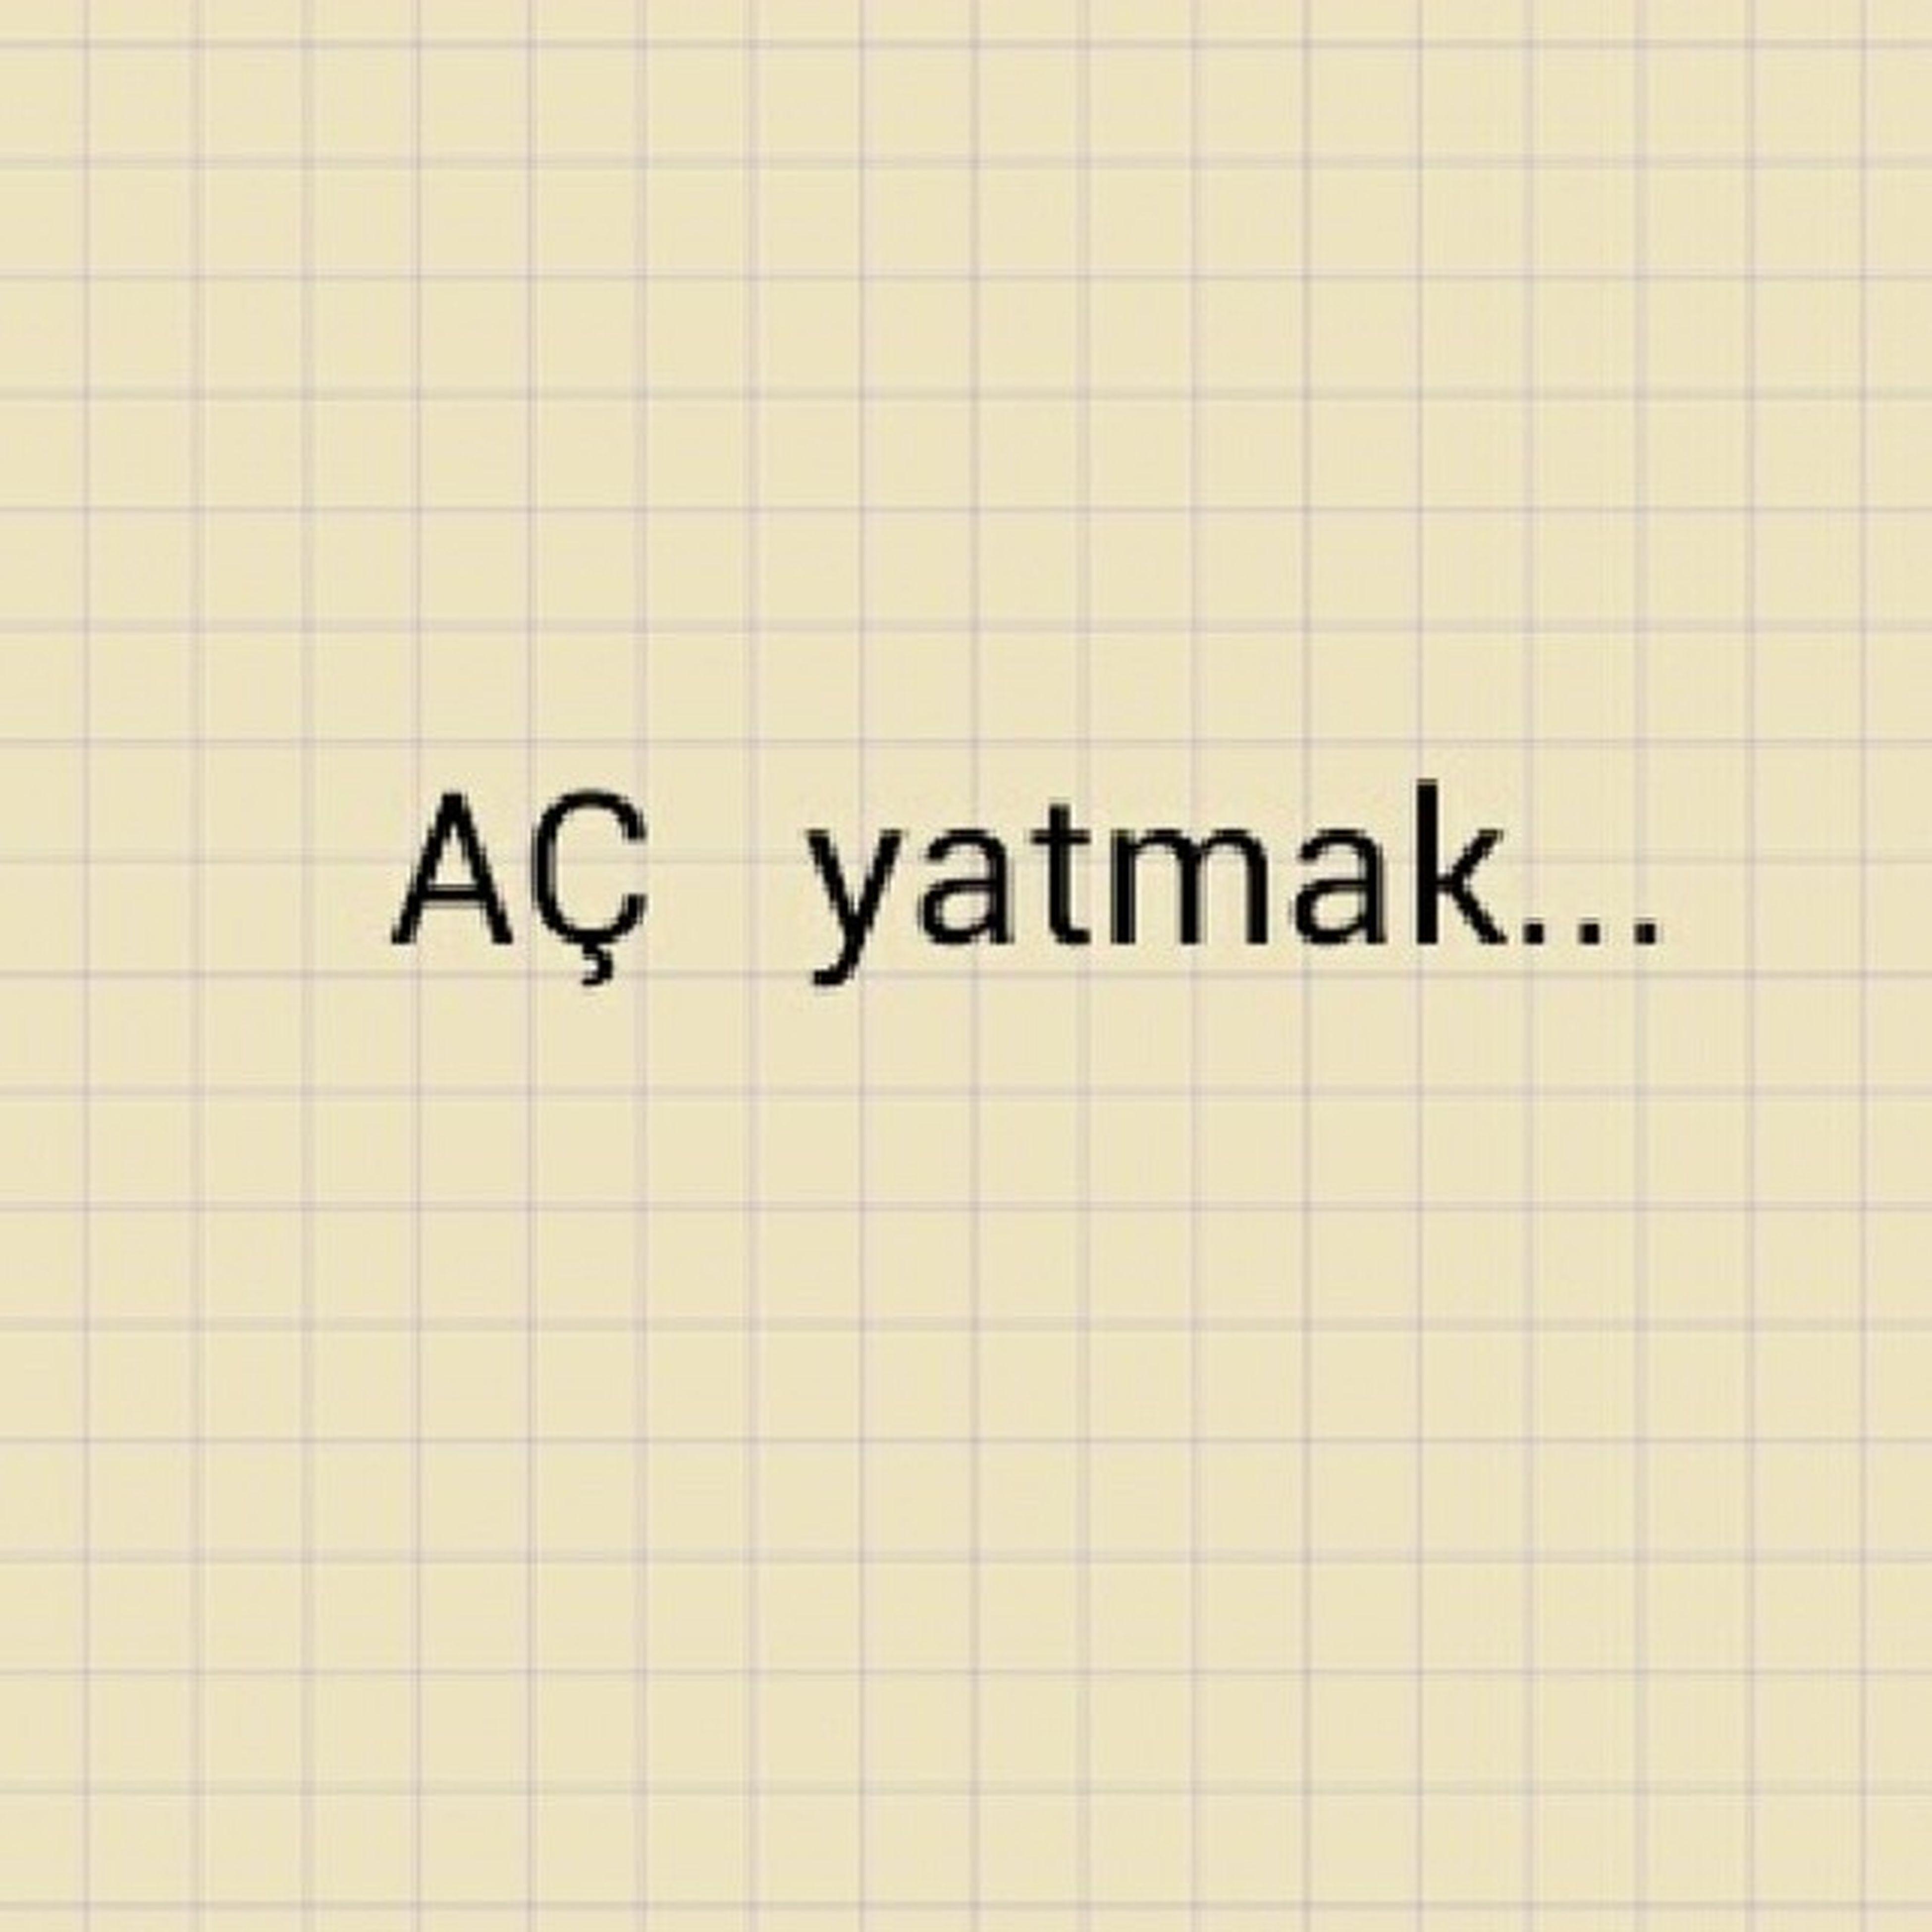 Yatamamak :'((